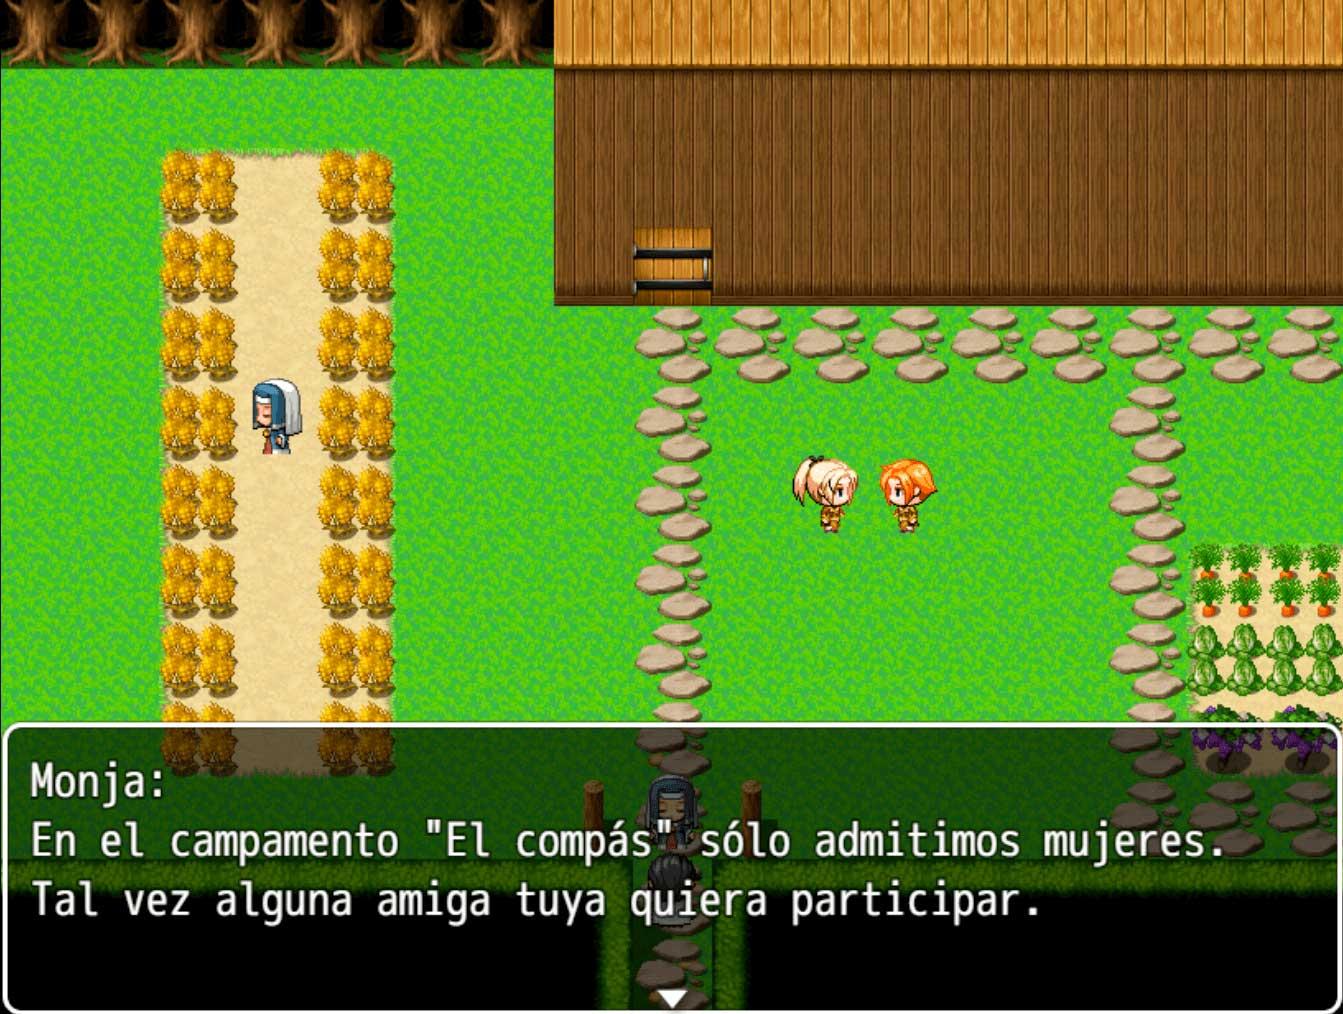 De Fobos y Deimos, el primer RPG sobre bullying LGTBfóbico en WZ Gamers Lab - La revista digital online de videojuegos free to play y Hardware PC